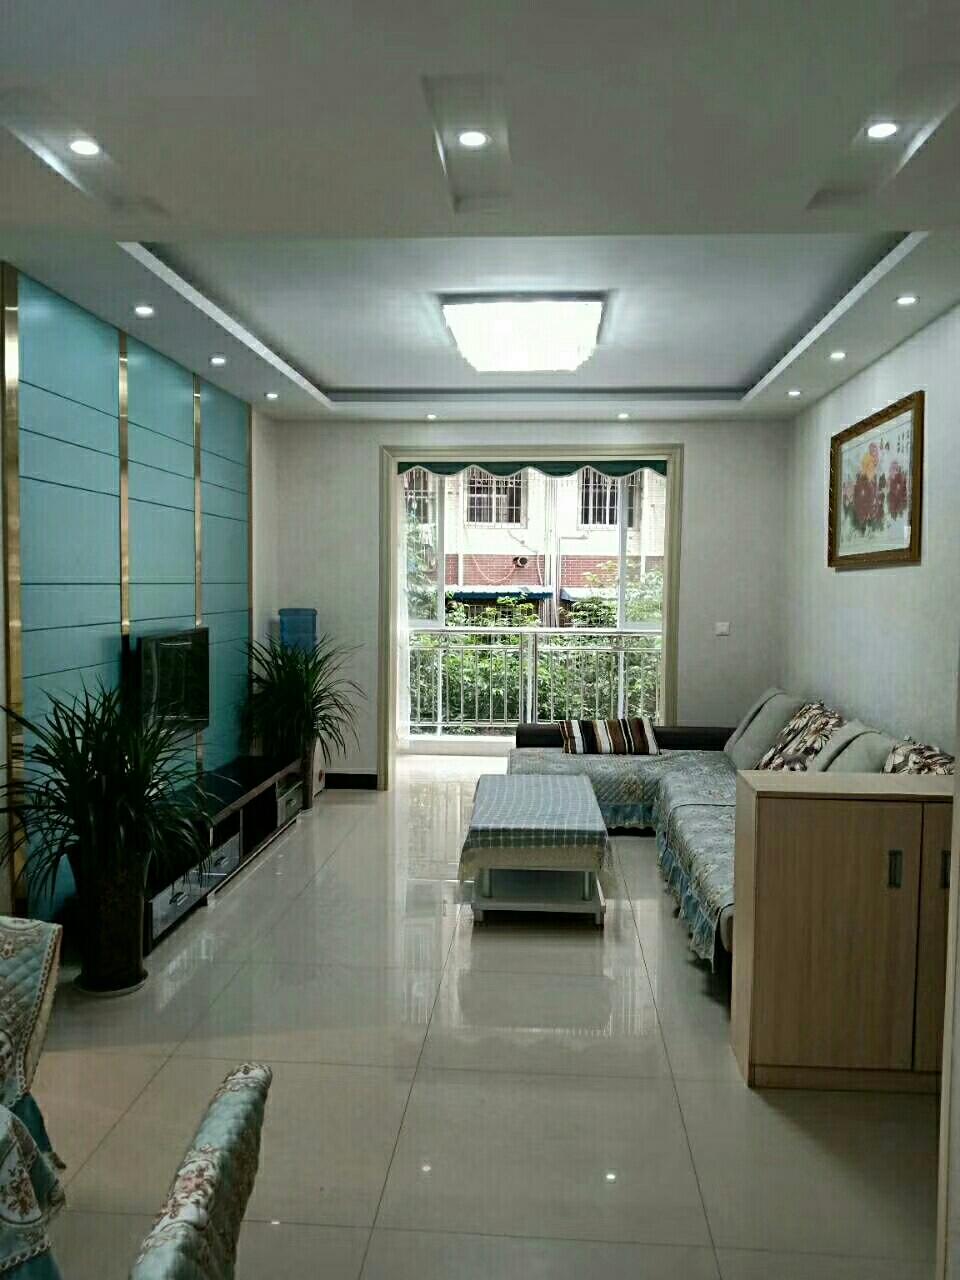 凯帝新城现浇房3室2厅2卫72.8万元